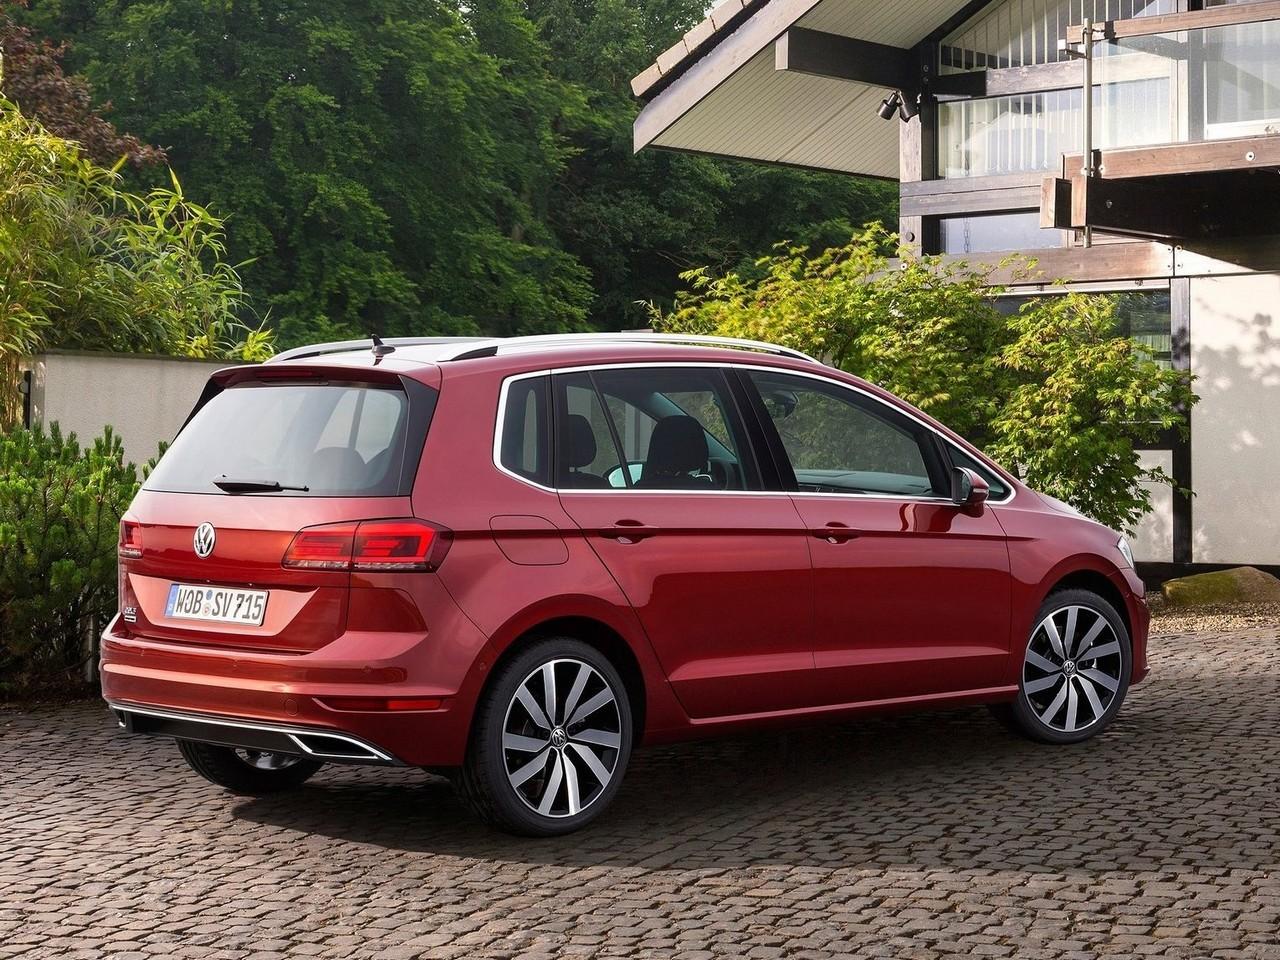 Volkswagen Golf Sportsvan 2018